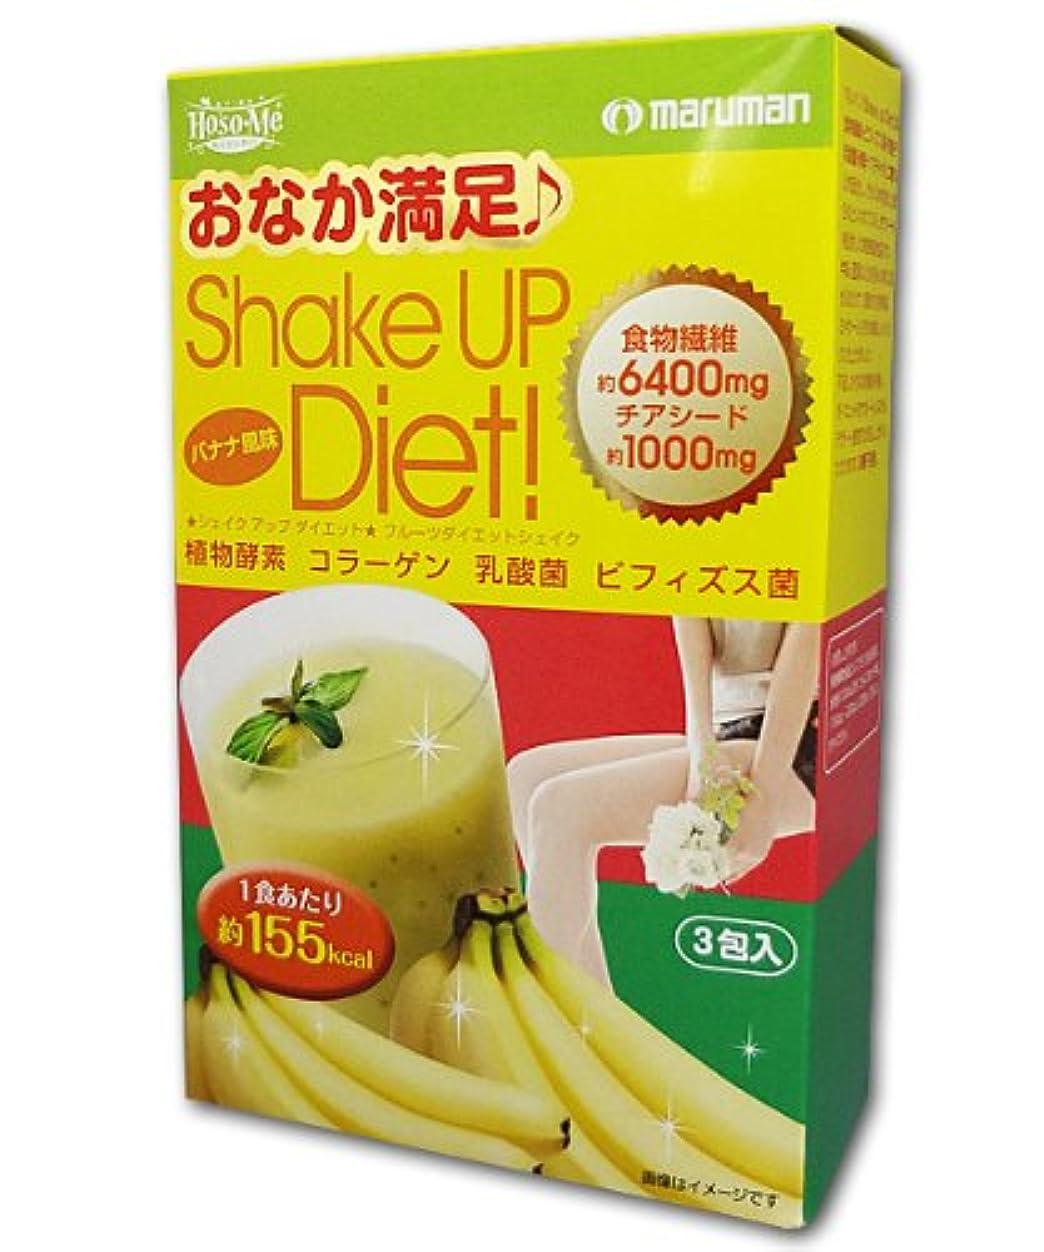 知り合いになる宣伝整然としたマルマン シェイクアップダイエット バナナ風味 3包入